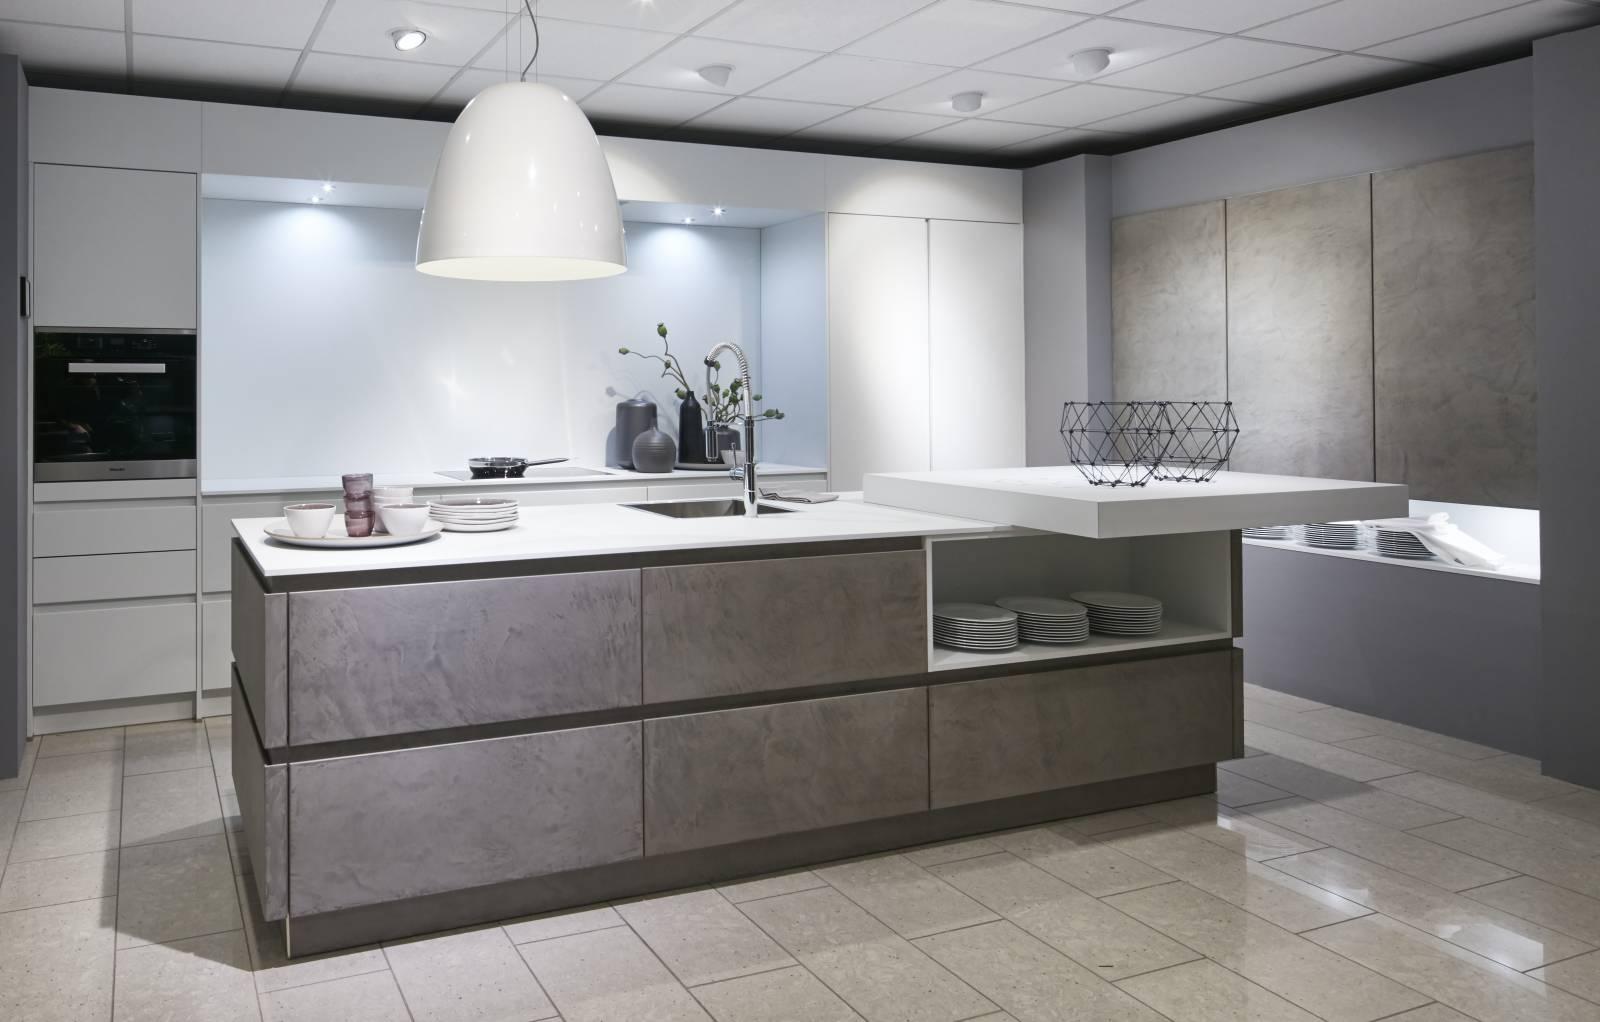 Cuisines en ciment ou b ton cuisiniste haut de gamme lyon am nagement cuisine - Schott cuisine ...